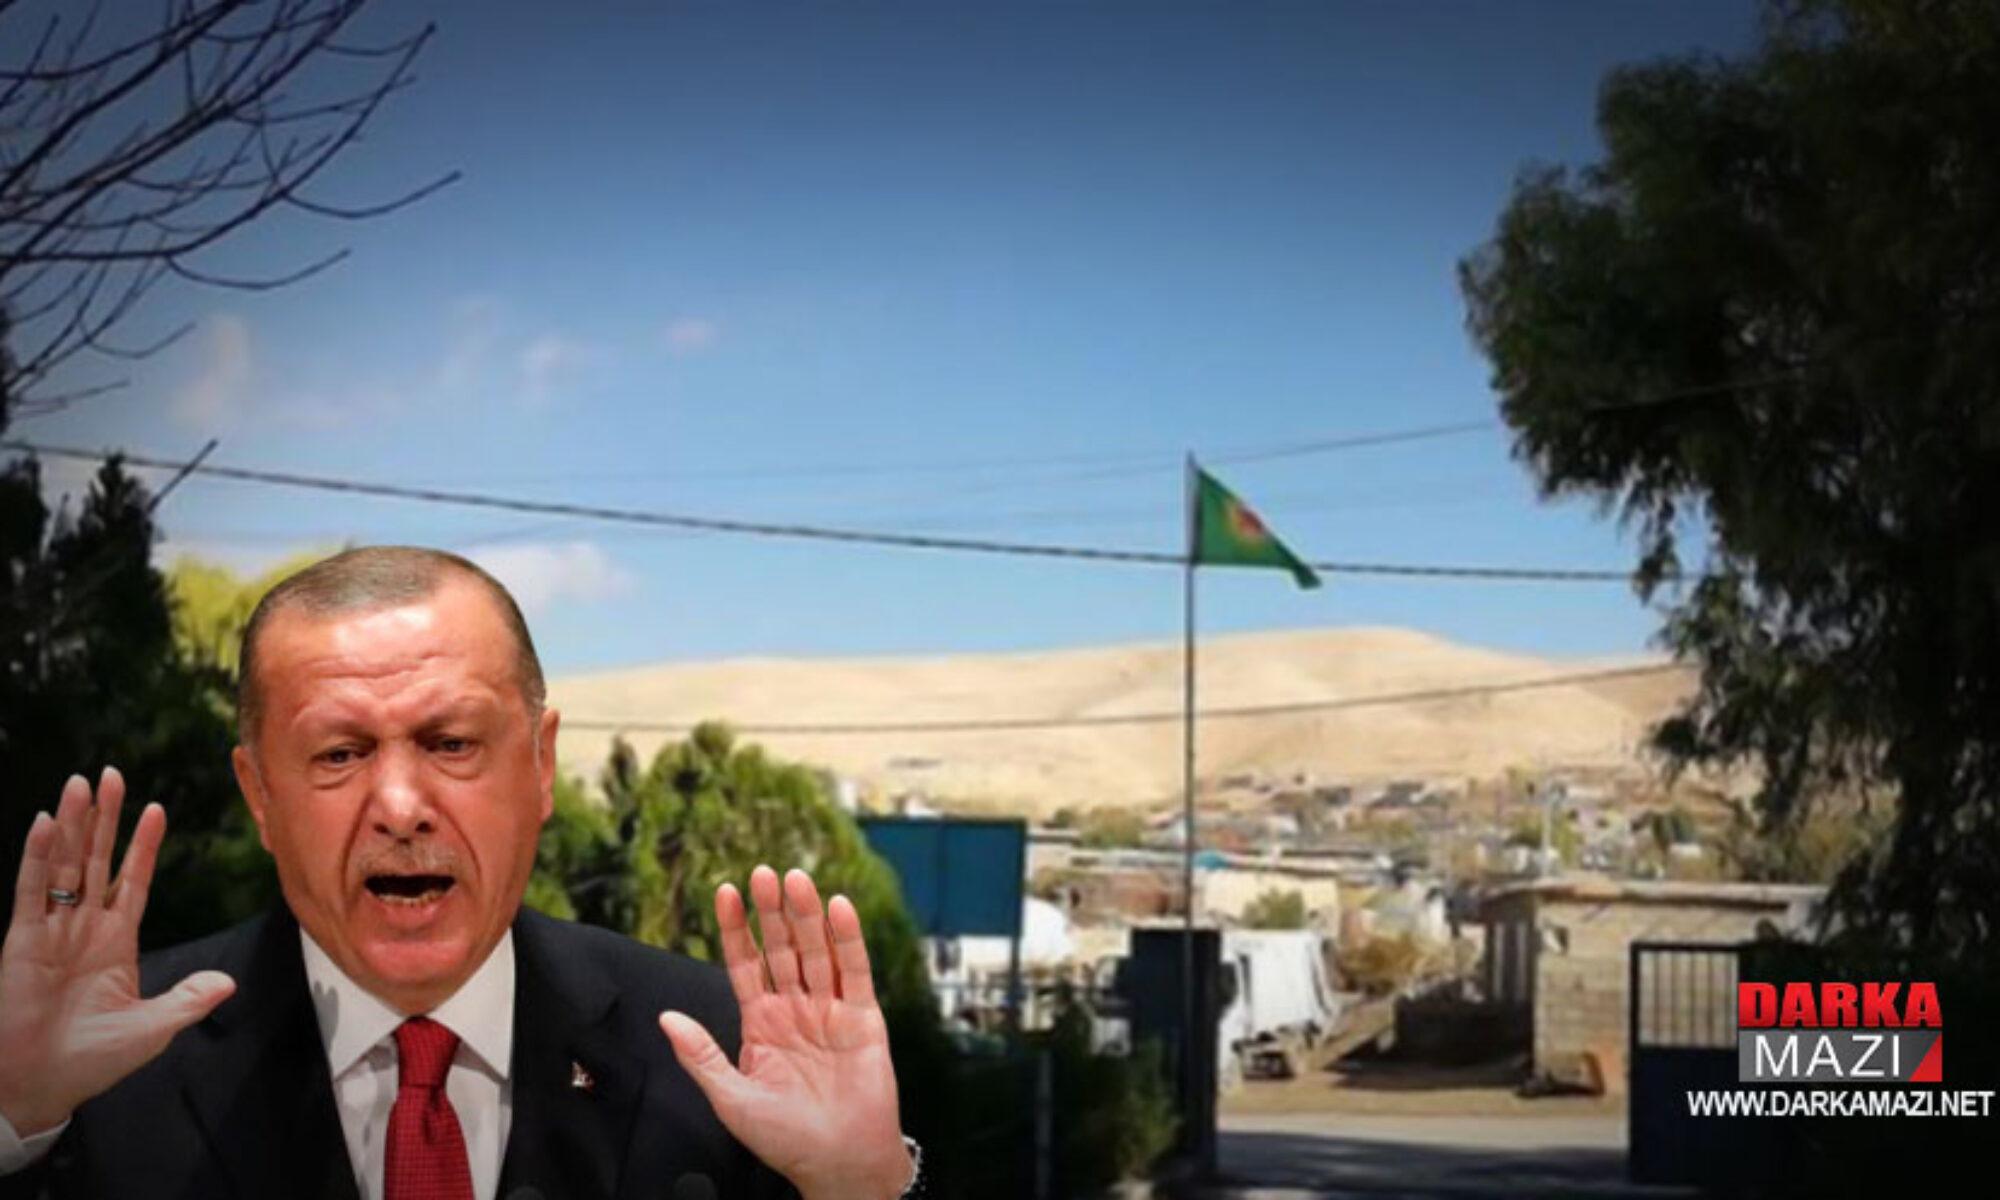 Erdoğan yine Mahmur'u tehdit etti: BM temizlemezse biz temizleriz